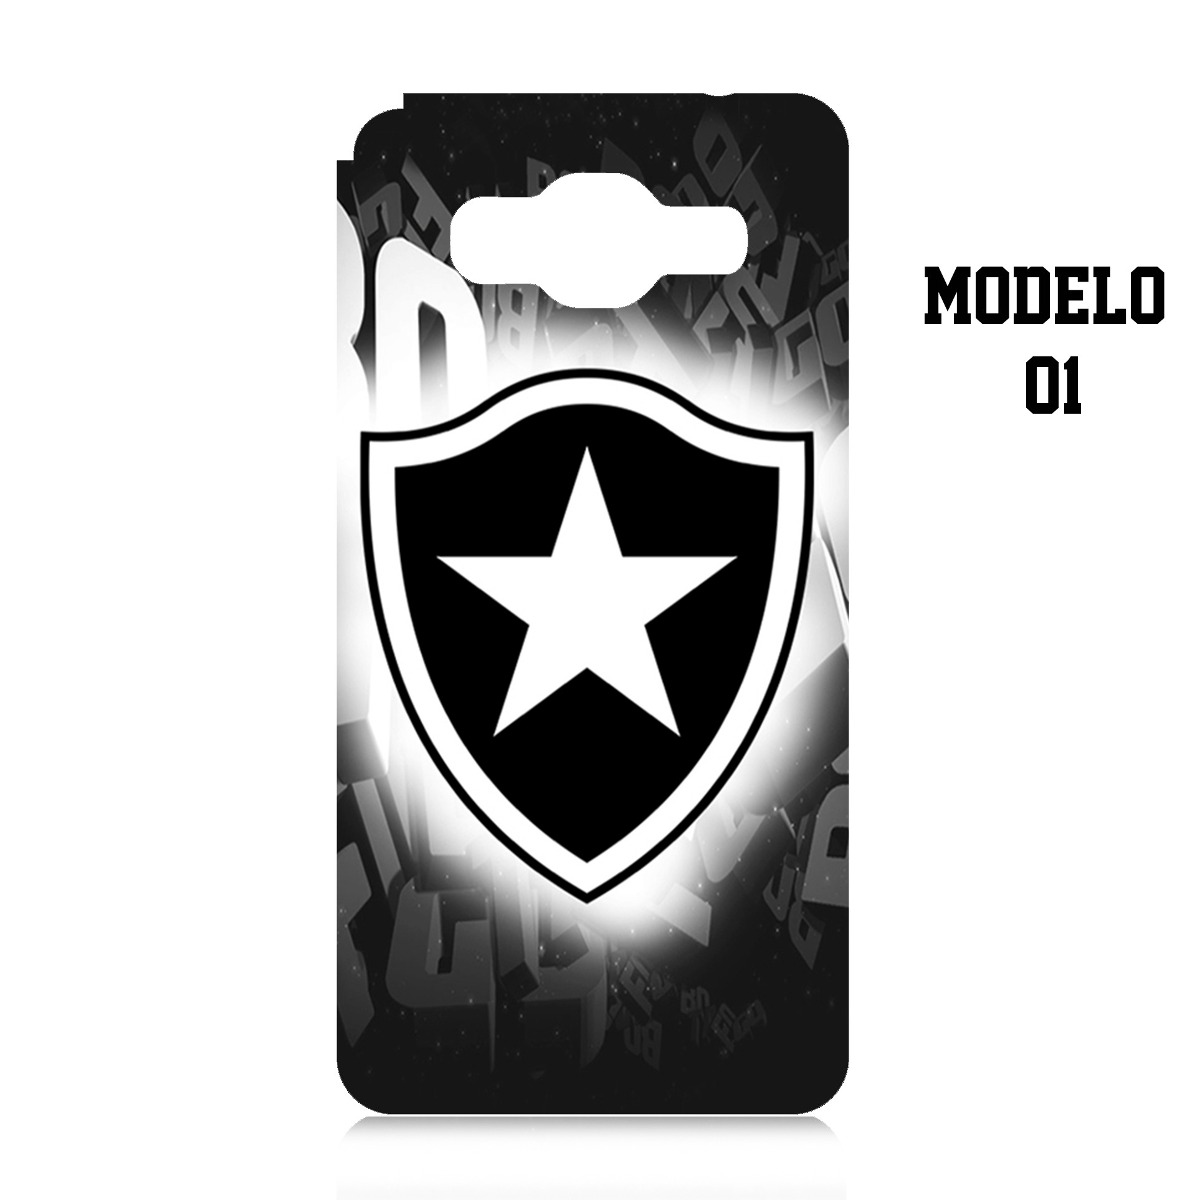 Capa Case Personalizada Botafogo Samsung Galaxy J5 J500 - R  29 ebad47e2d1d7c